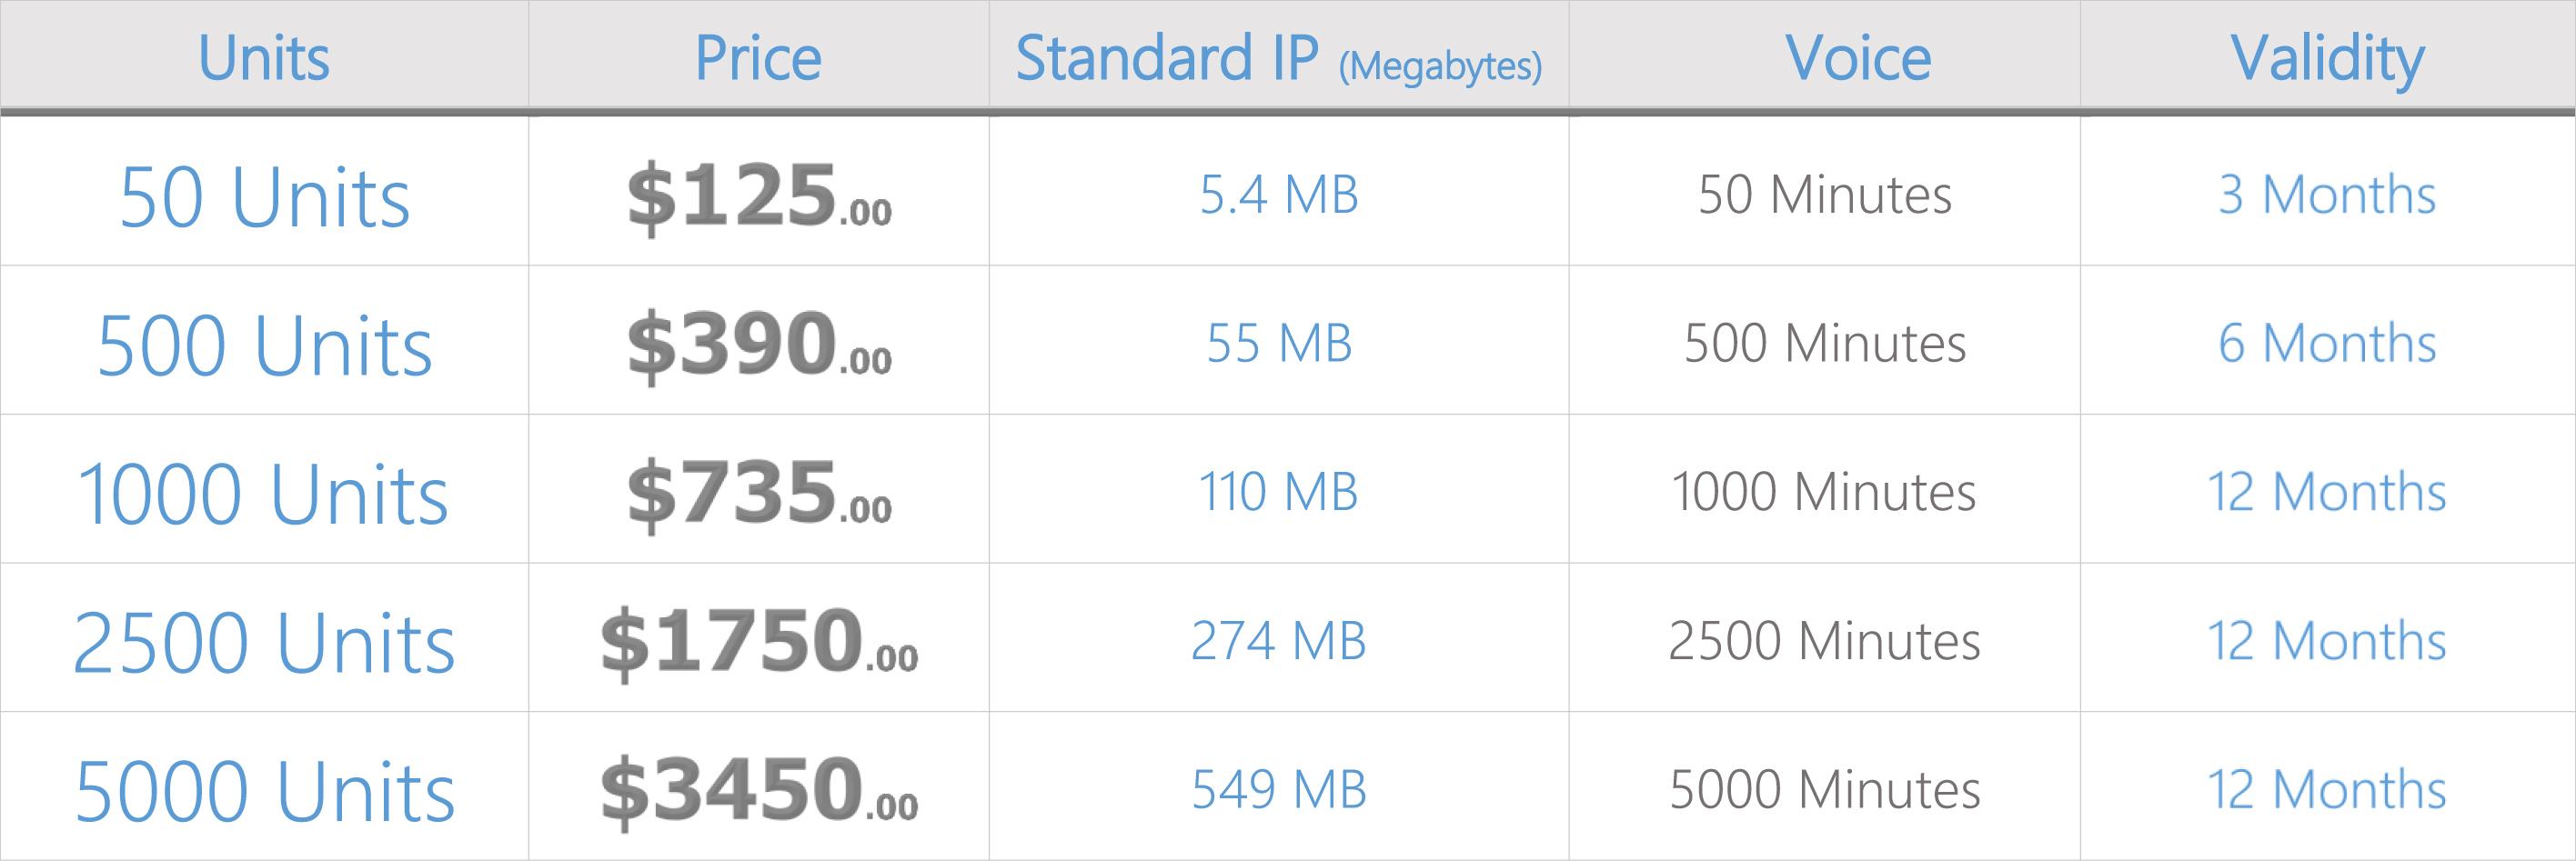 inmarsat-bgan-prepaid-airtime-price-chart-0916new.jpg